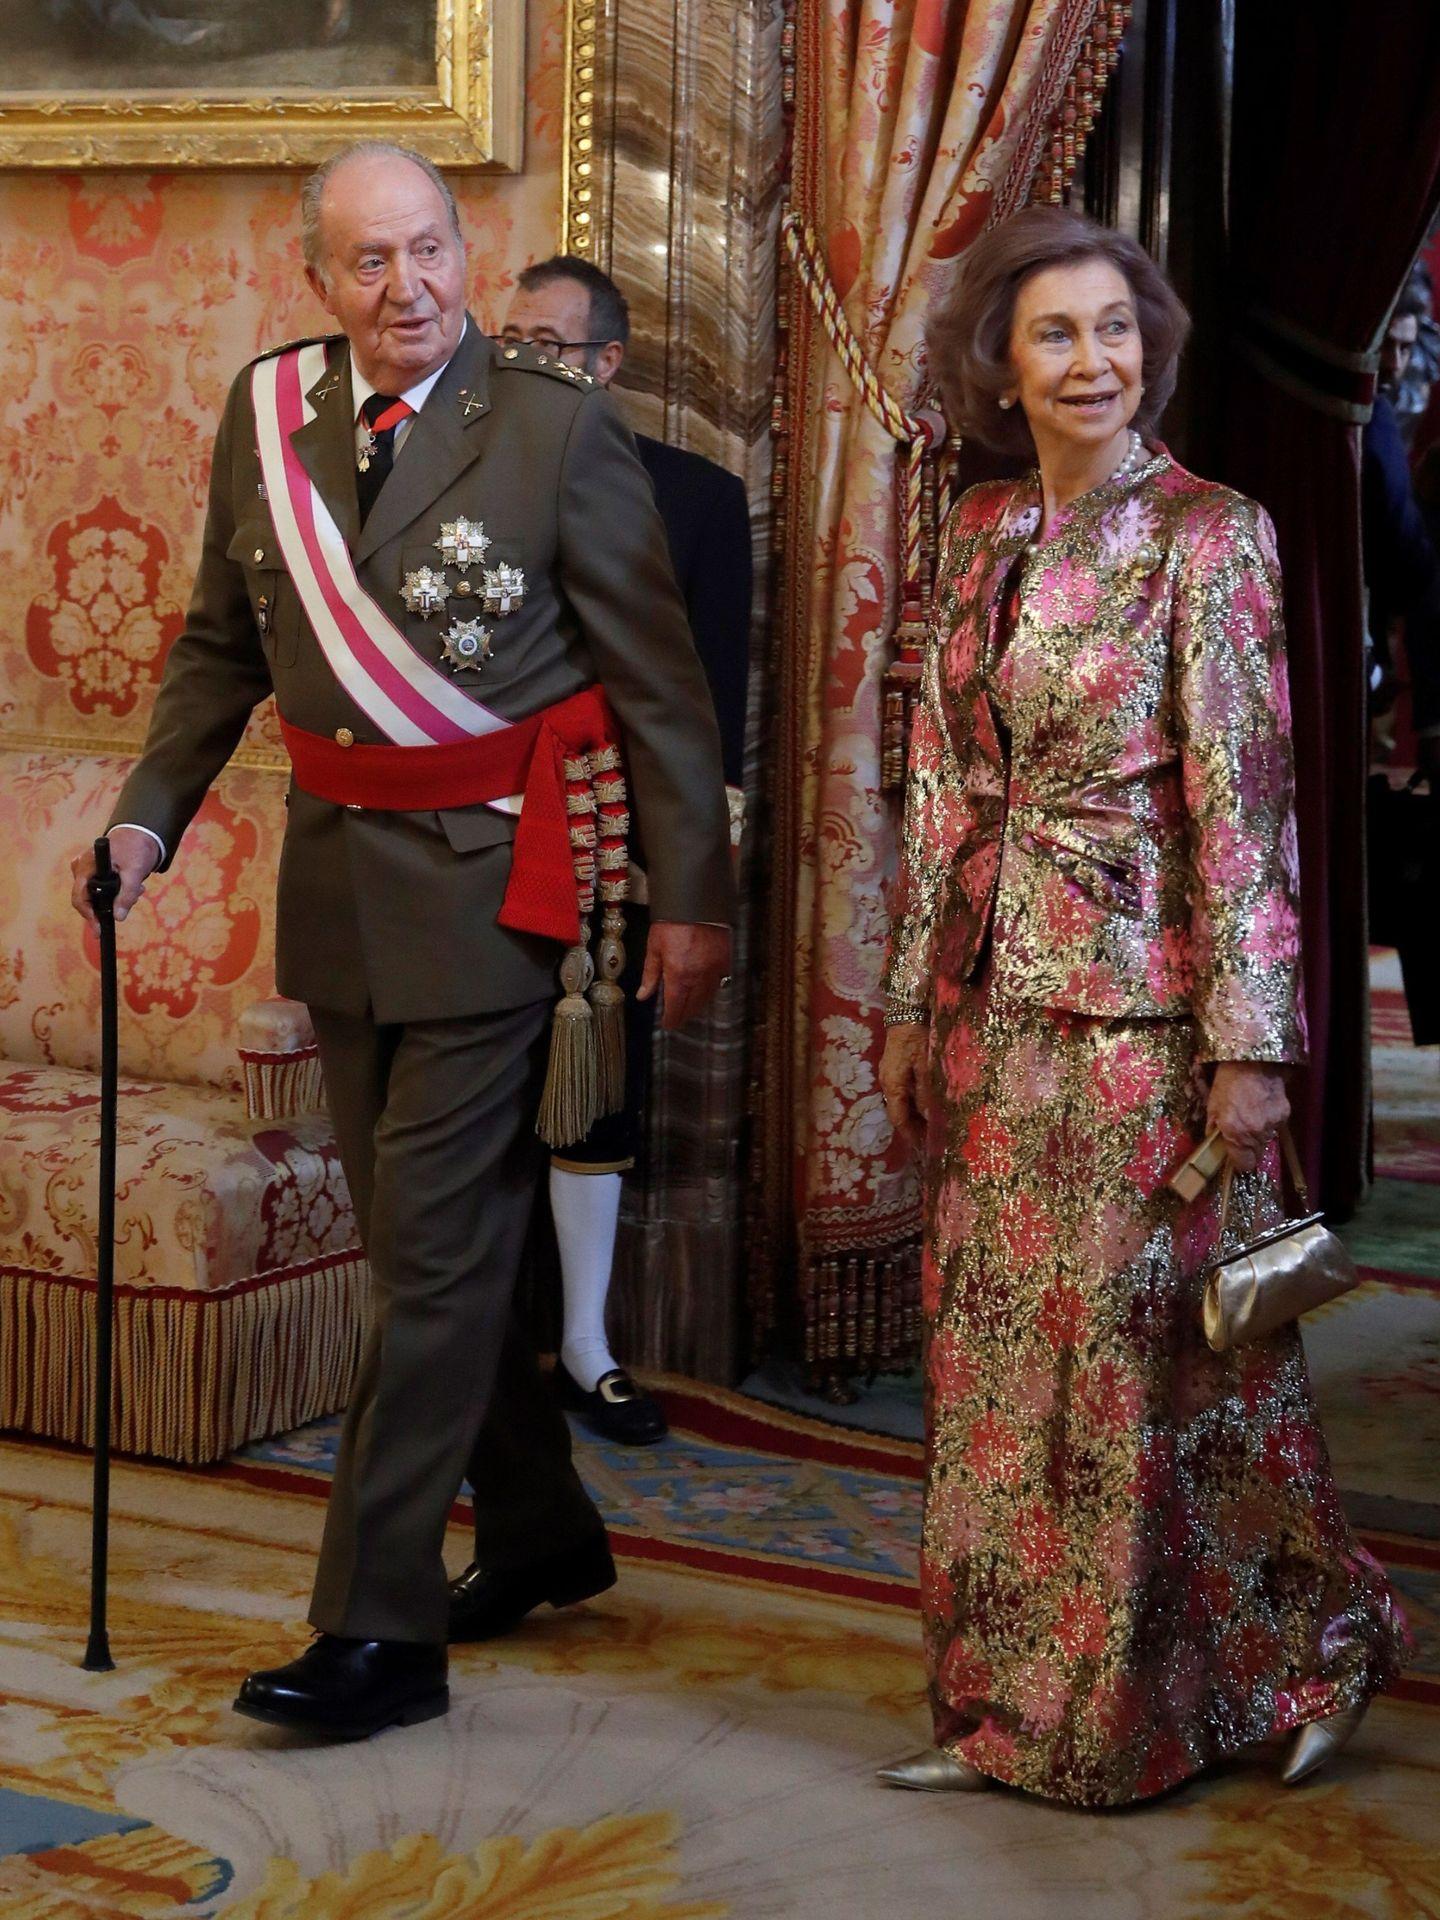 El rey Juan Carlos y la reina Sofía, en el Palacio Real. (EFE)